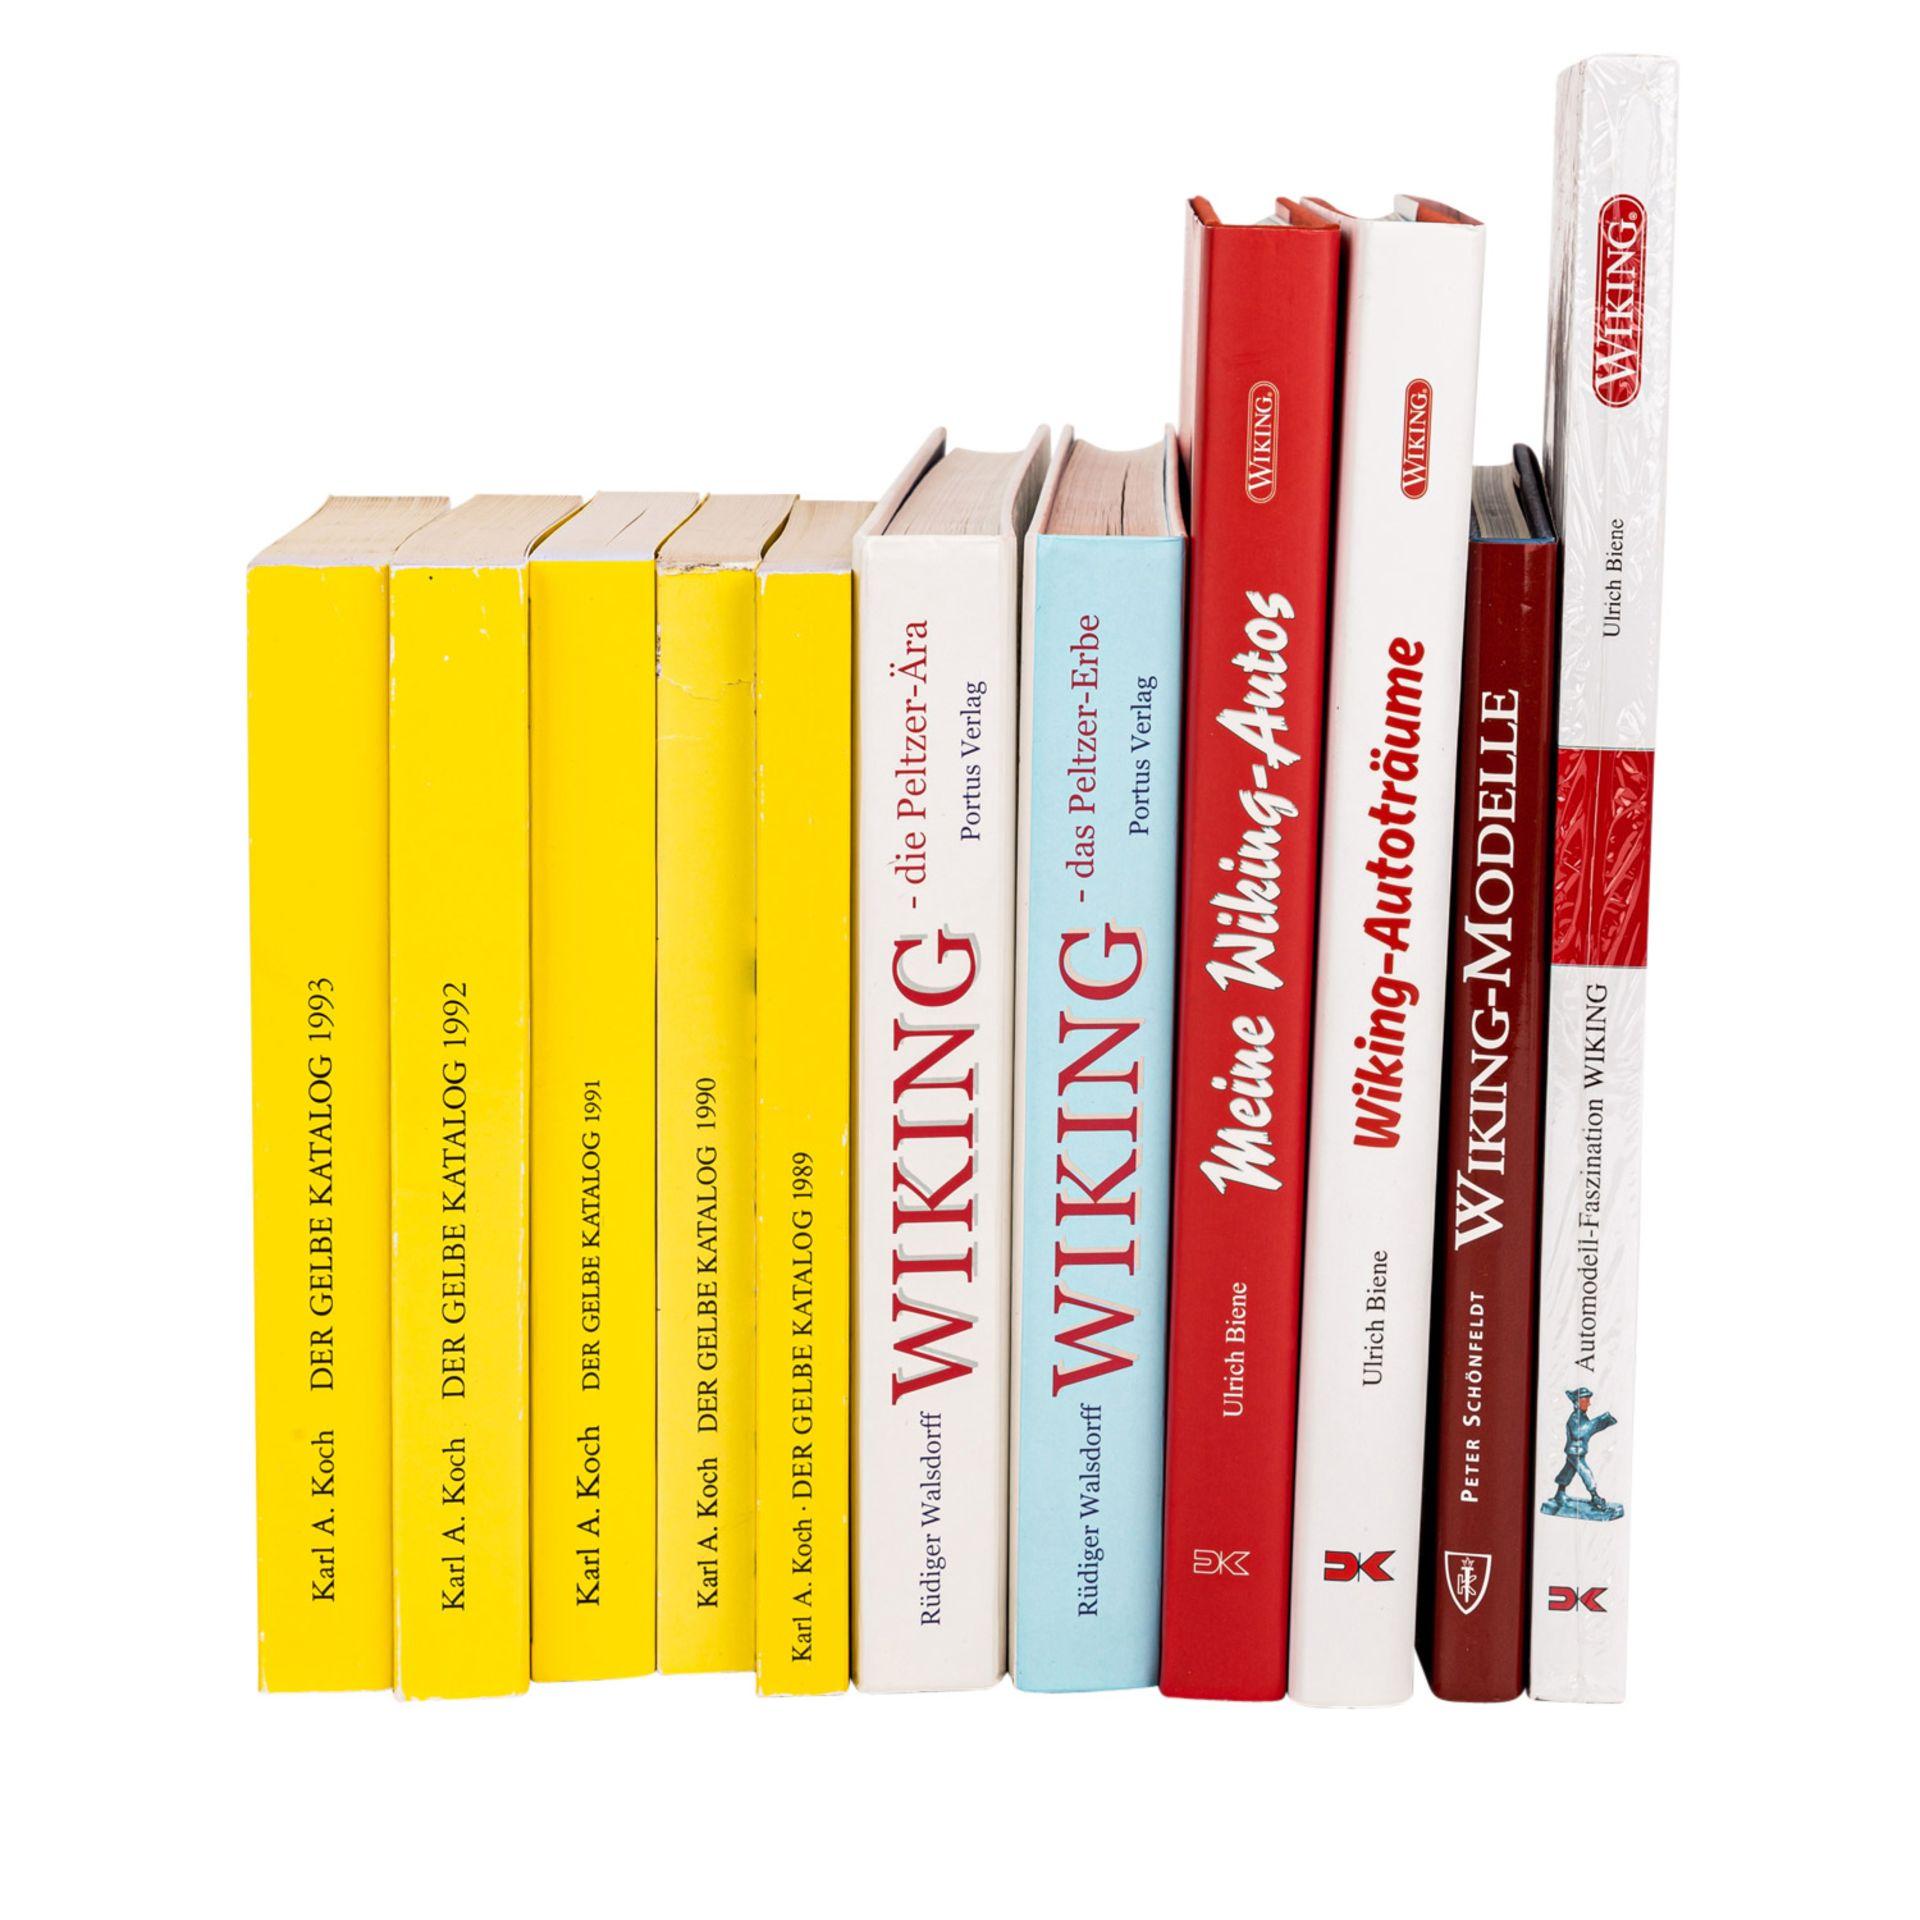 WIKING 11-tlg Bücherkonvolut,bestehend aus 6 hochwertig gebundenen Ausgaben, darunter - Image 2 of 2